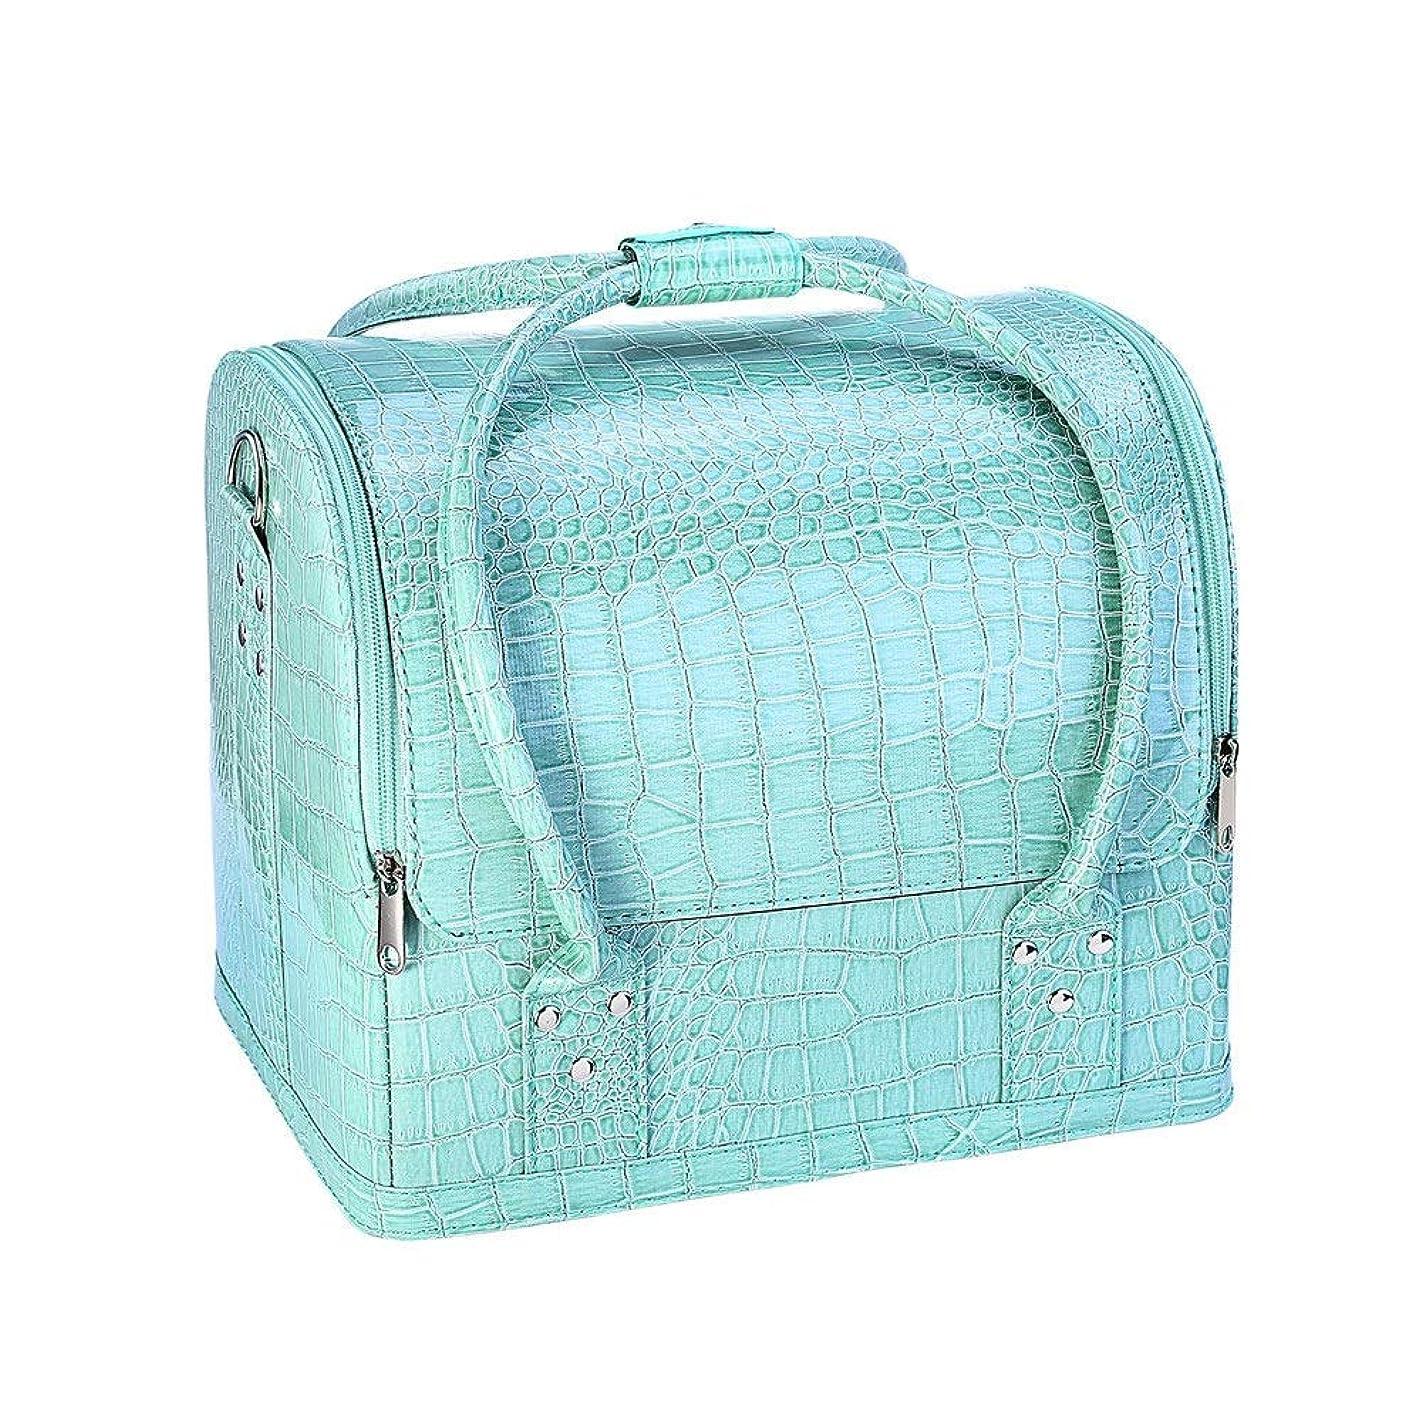 キャリアオズワルド柔らかい足化粧品袋 ネイル化粧品のバッグプロの美容ケースの美しさのケース化粧箱後援ワニ 旅行化粧収納ボックス (色 : 緑)